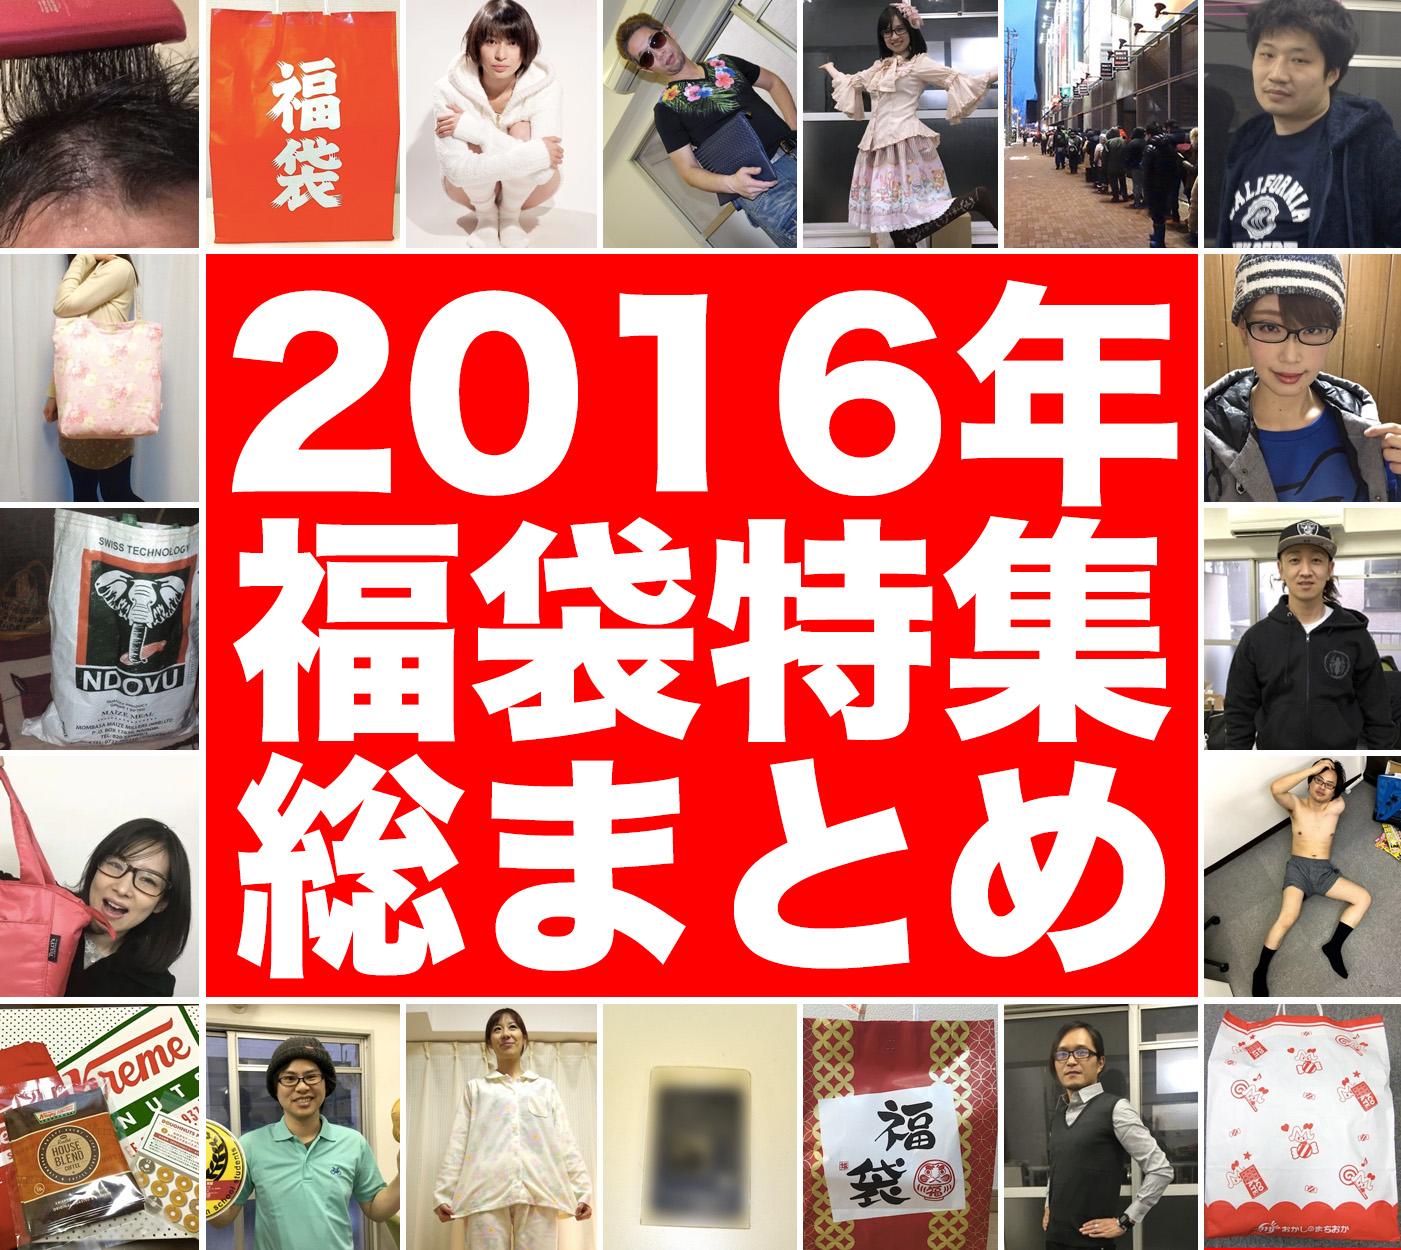 2016soumatome2